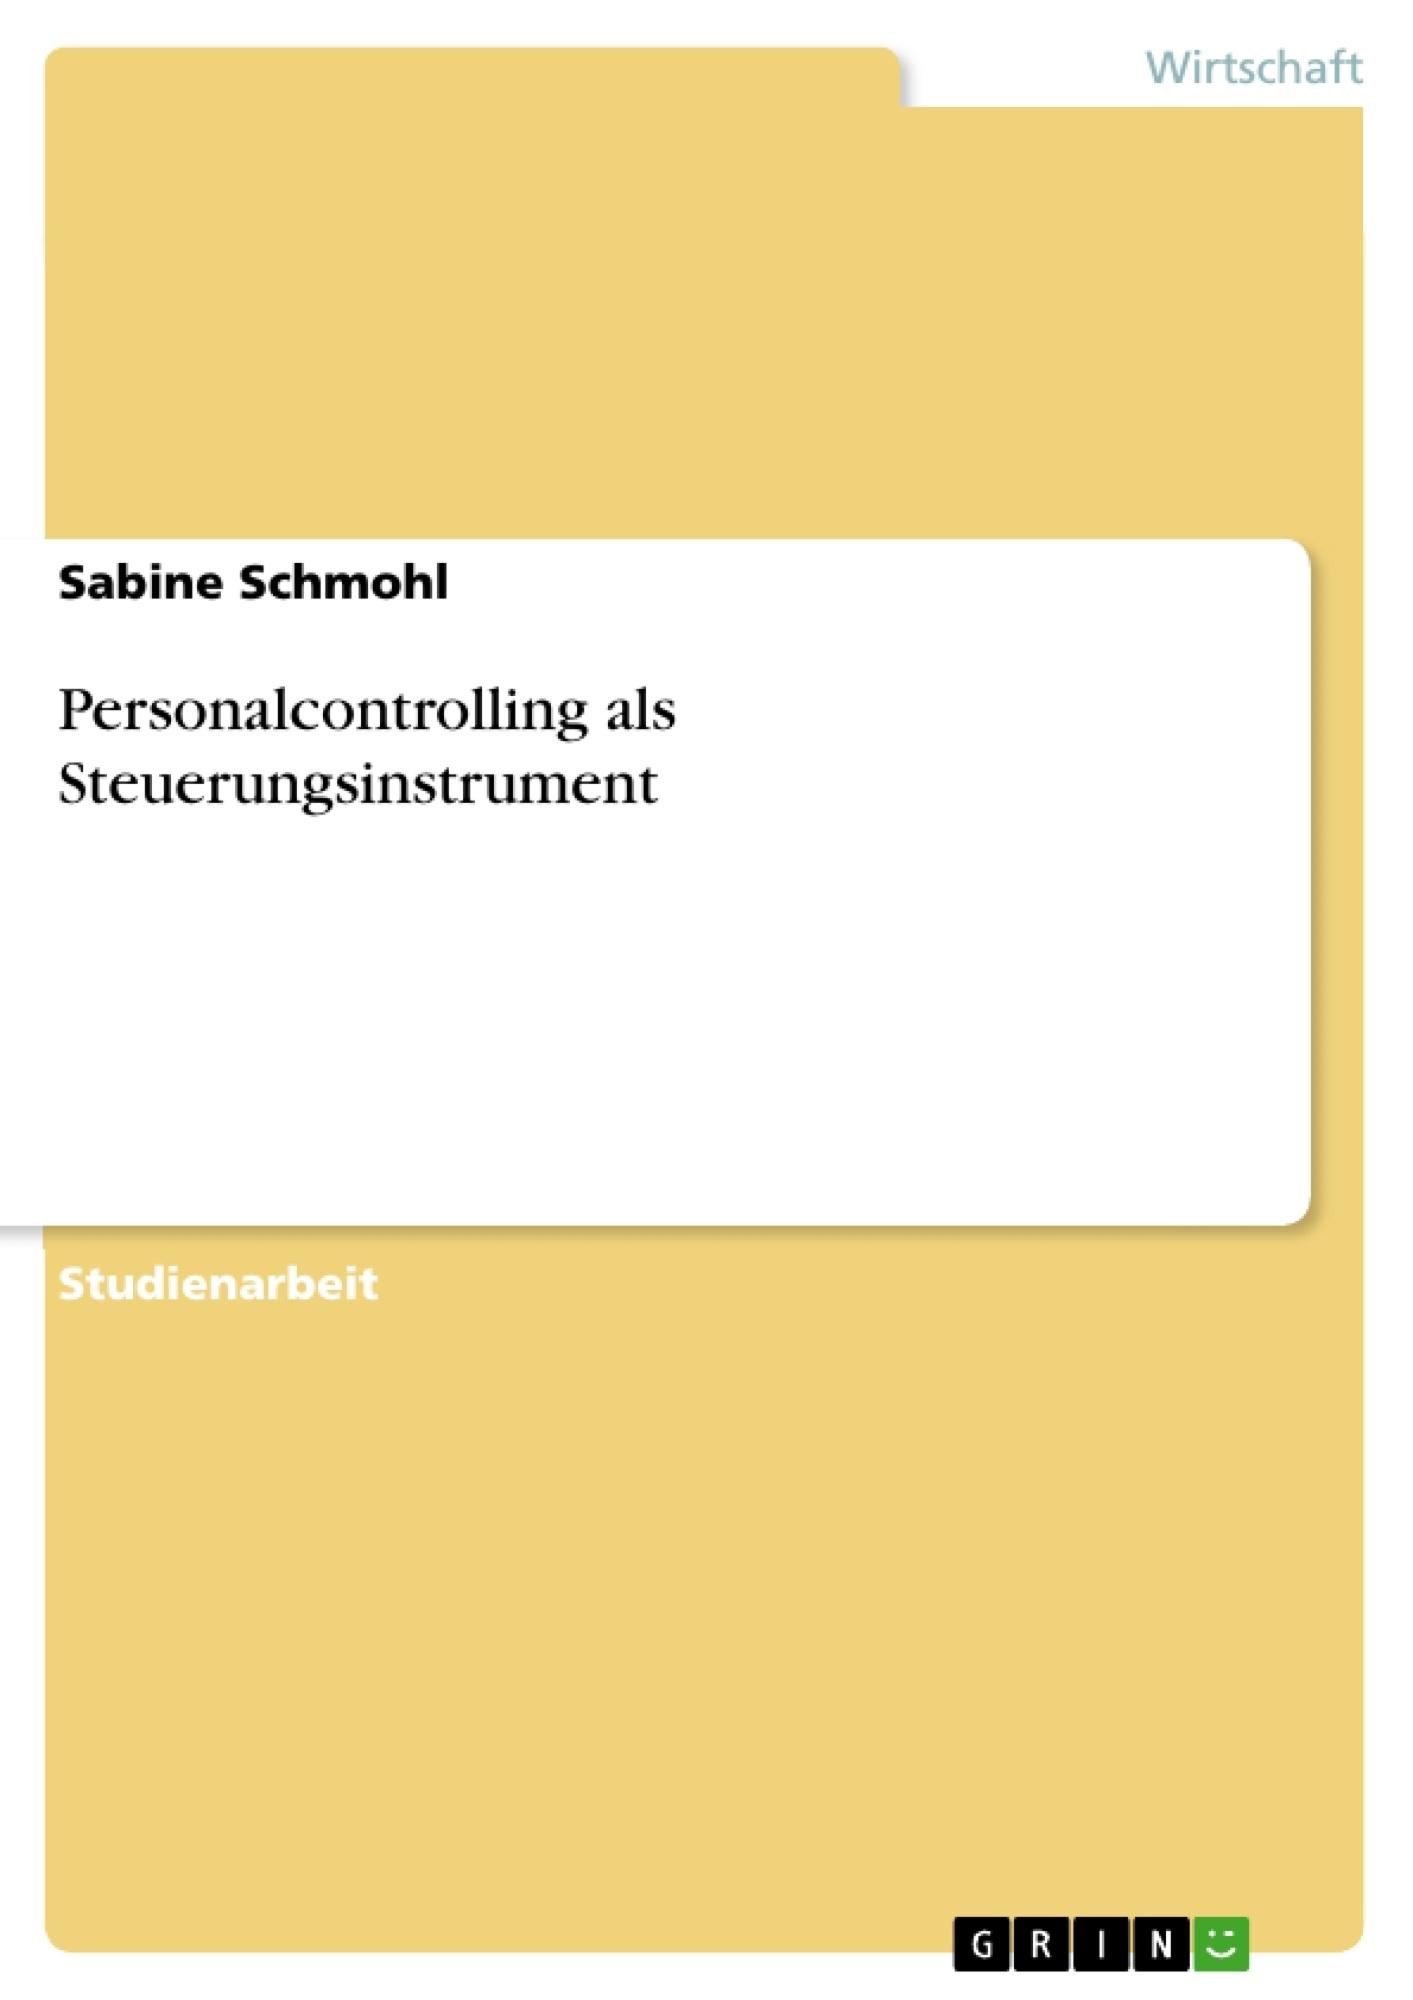 Titel: Personalcontrolling als Steuerungsinstrument